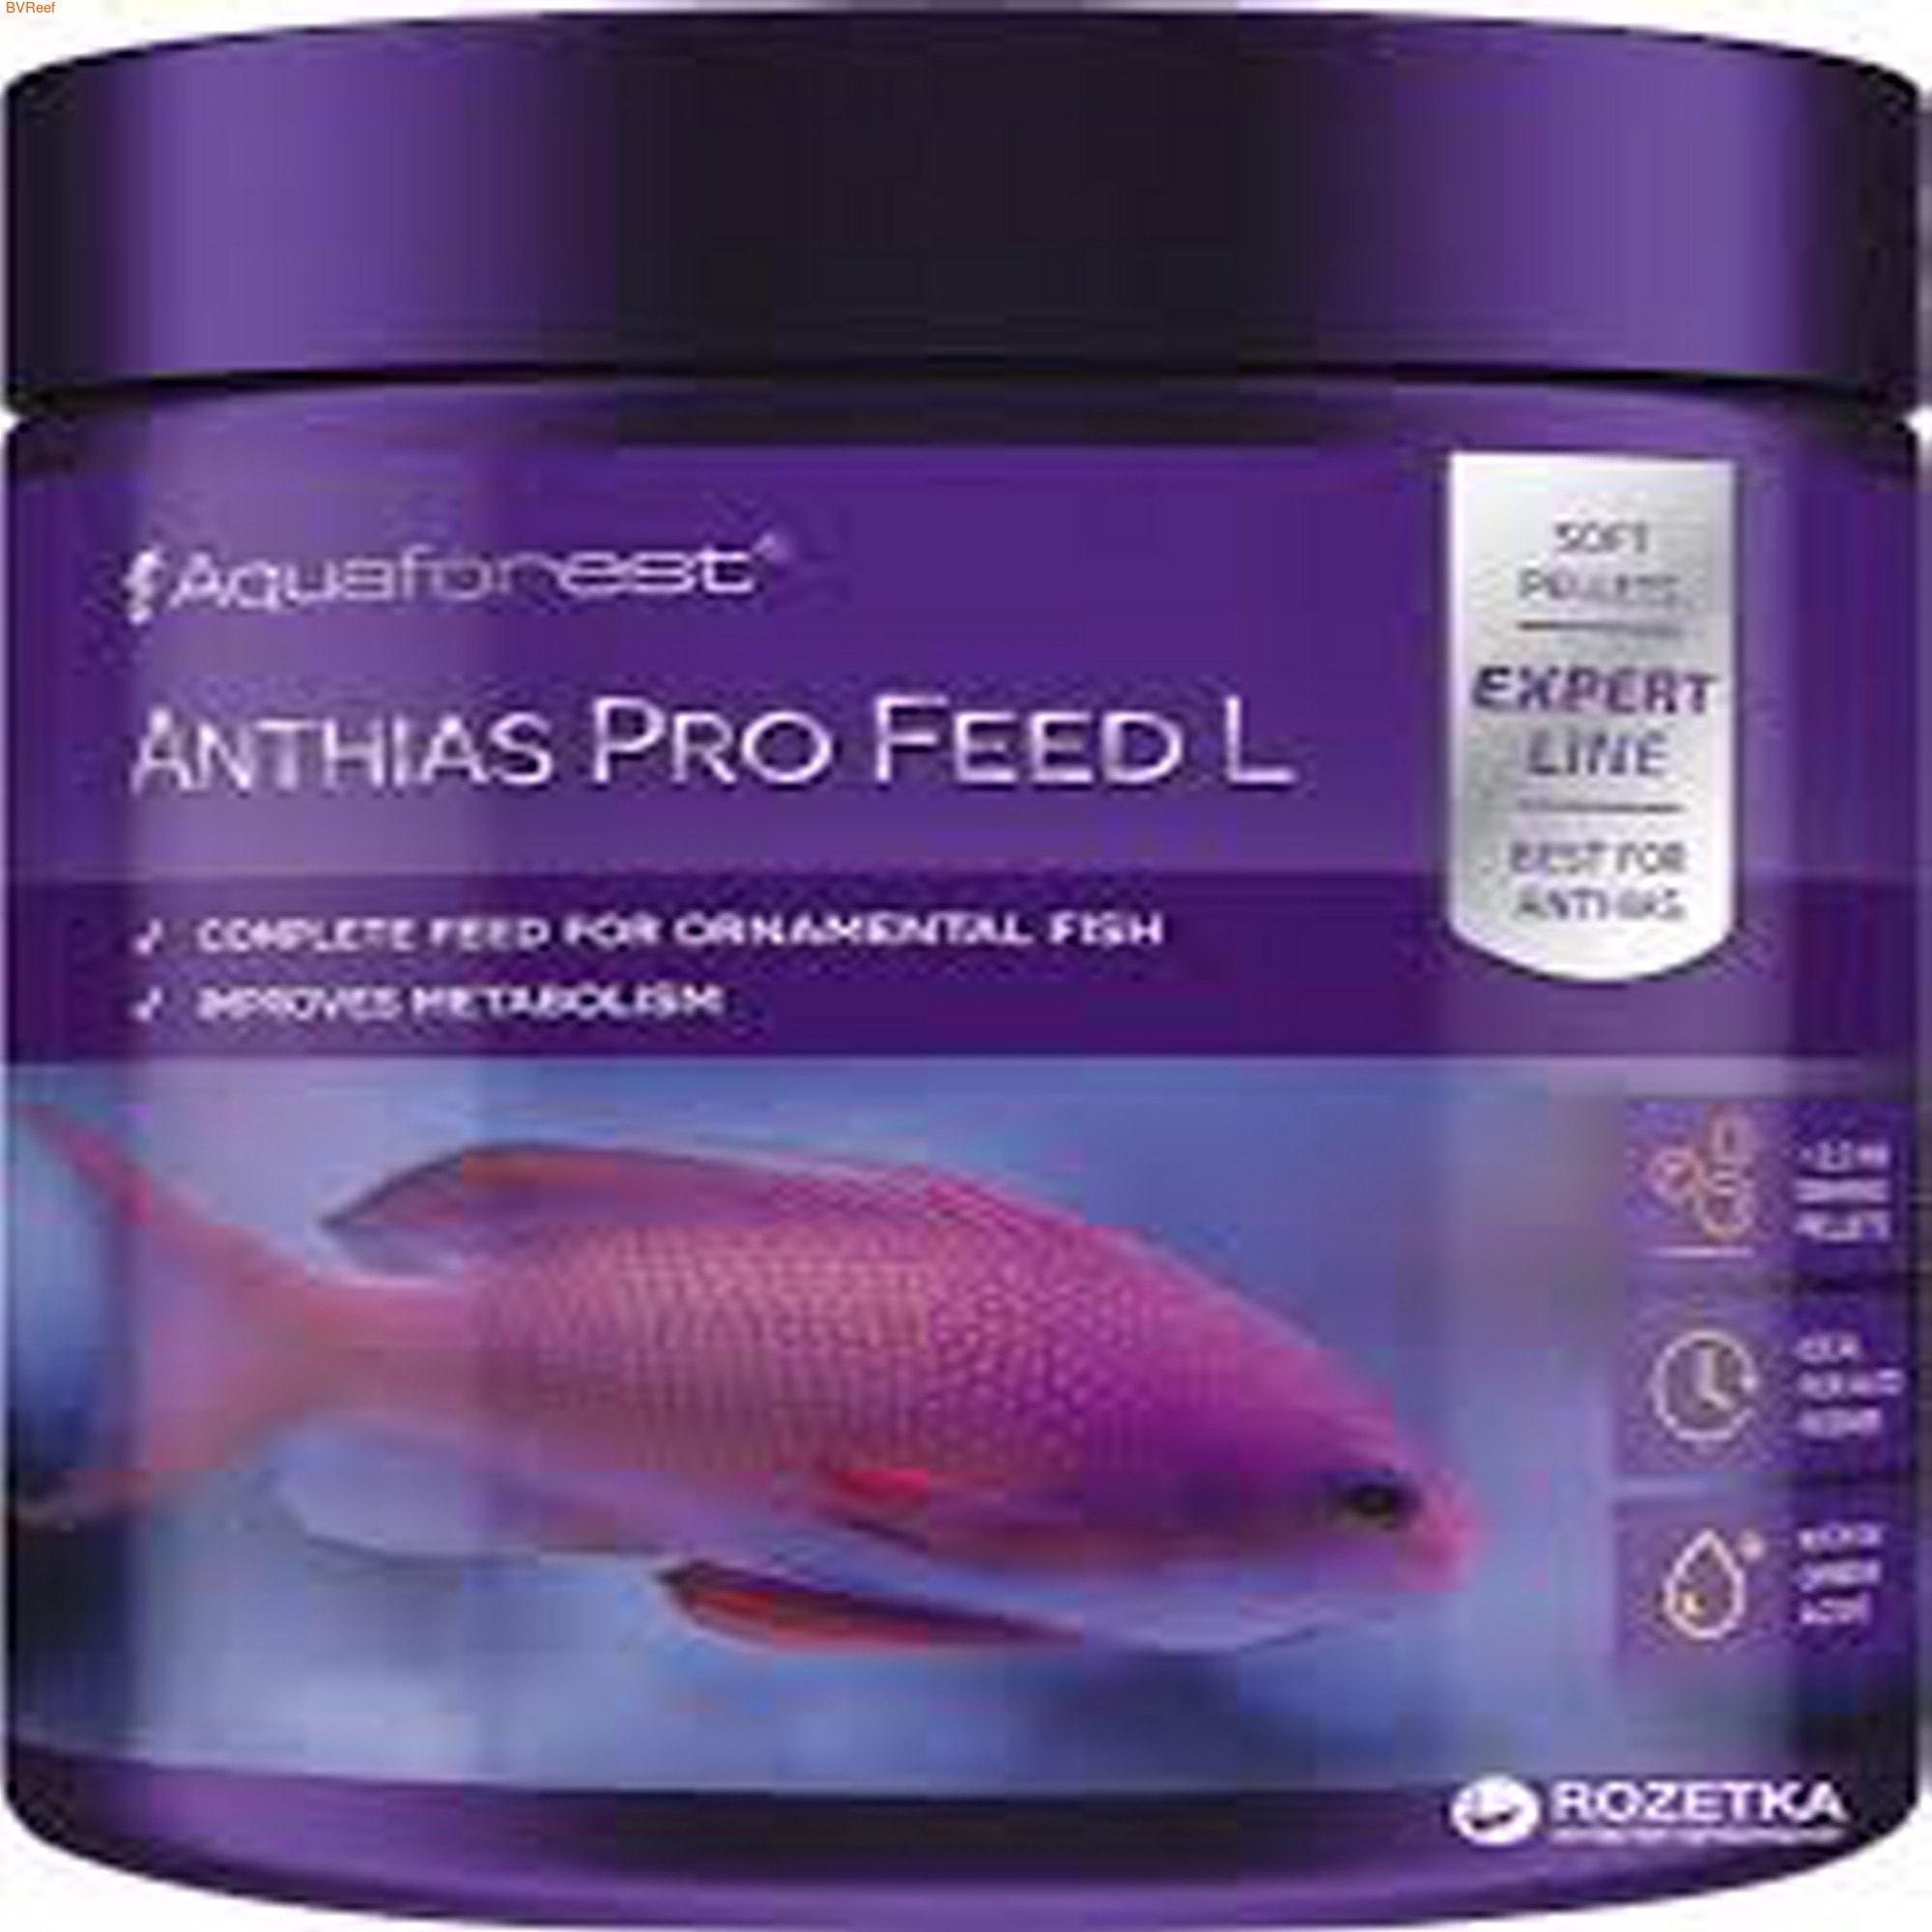 Корм для антиасов и для капризных рыб Aquaforest AF Anthias Pro Feed L